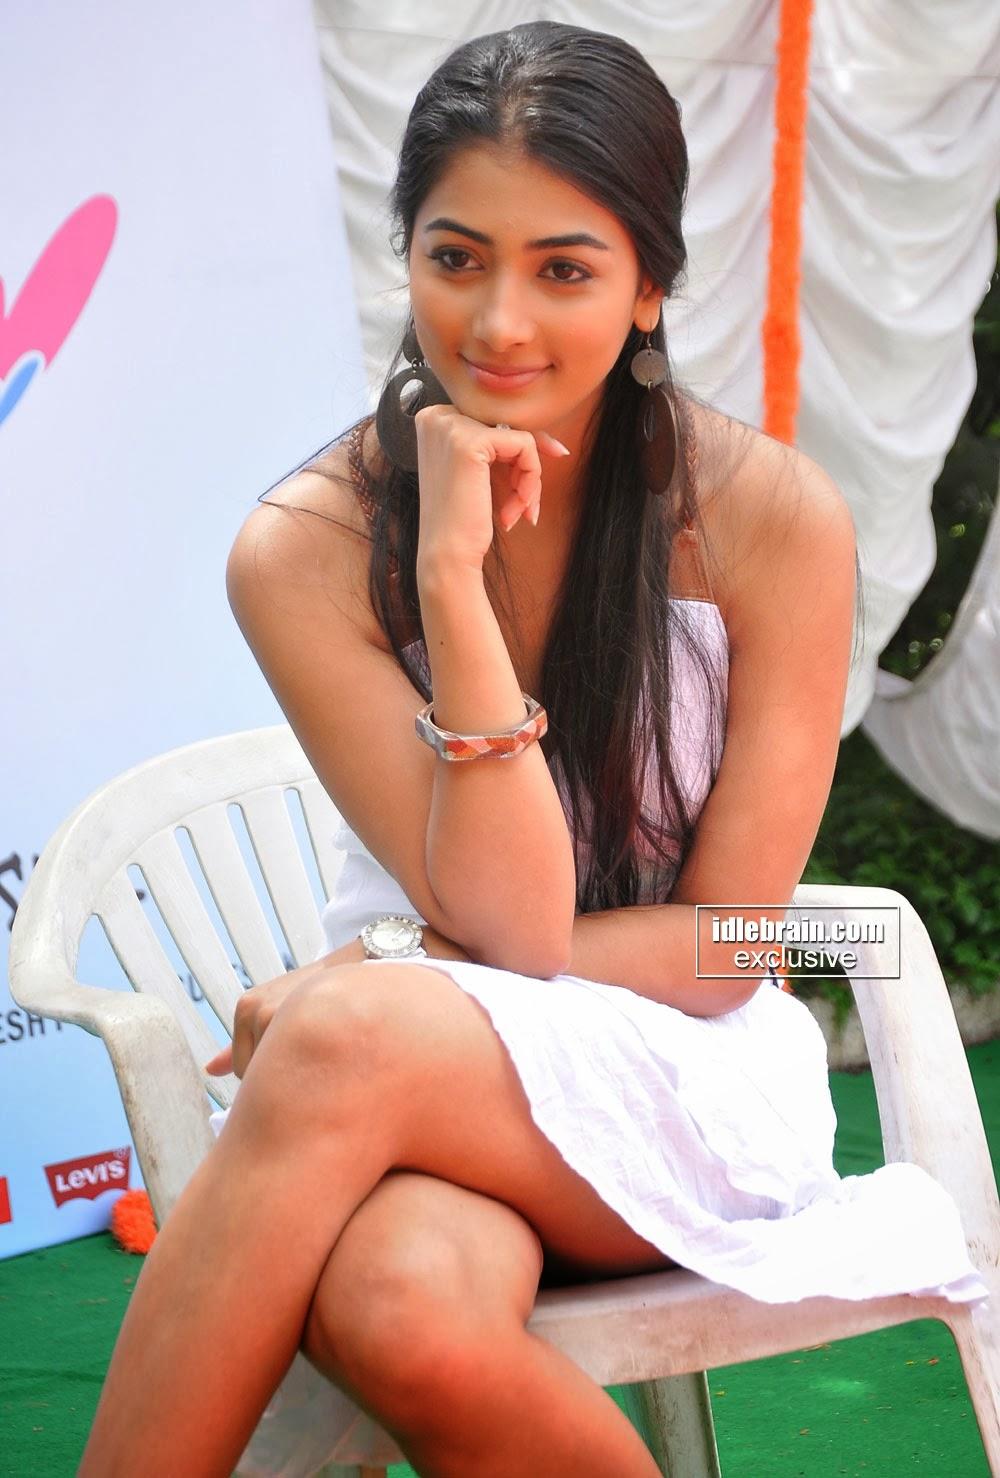 Xxx photos of pooja hegde